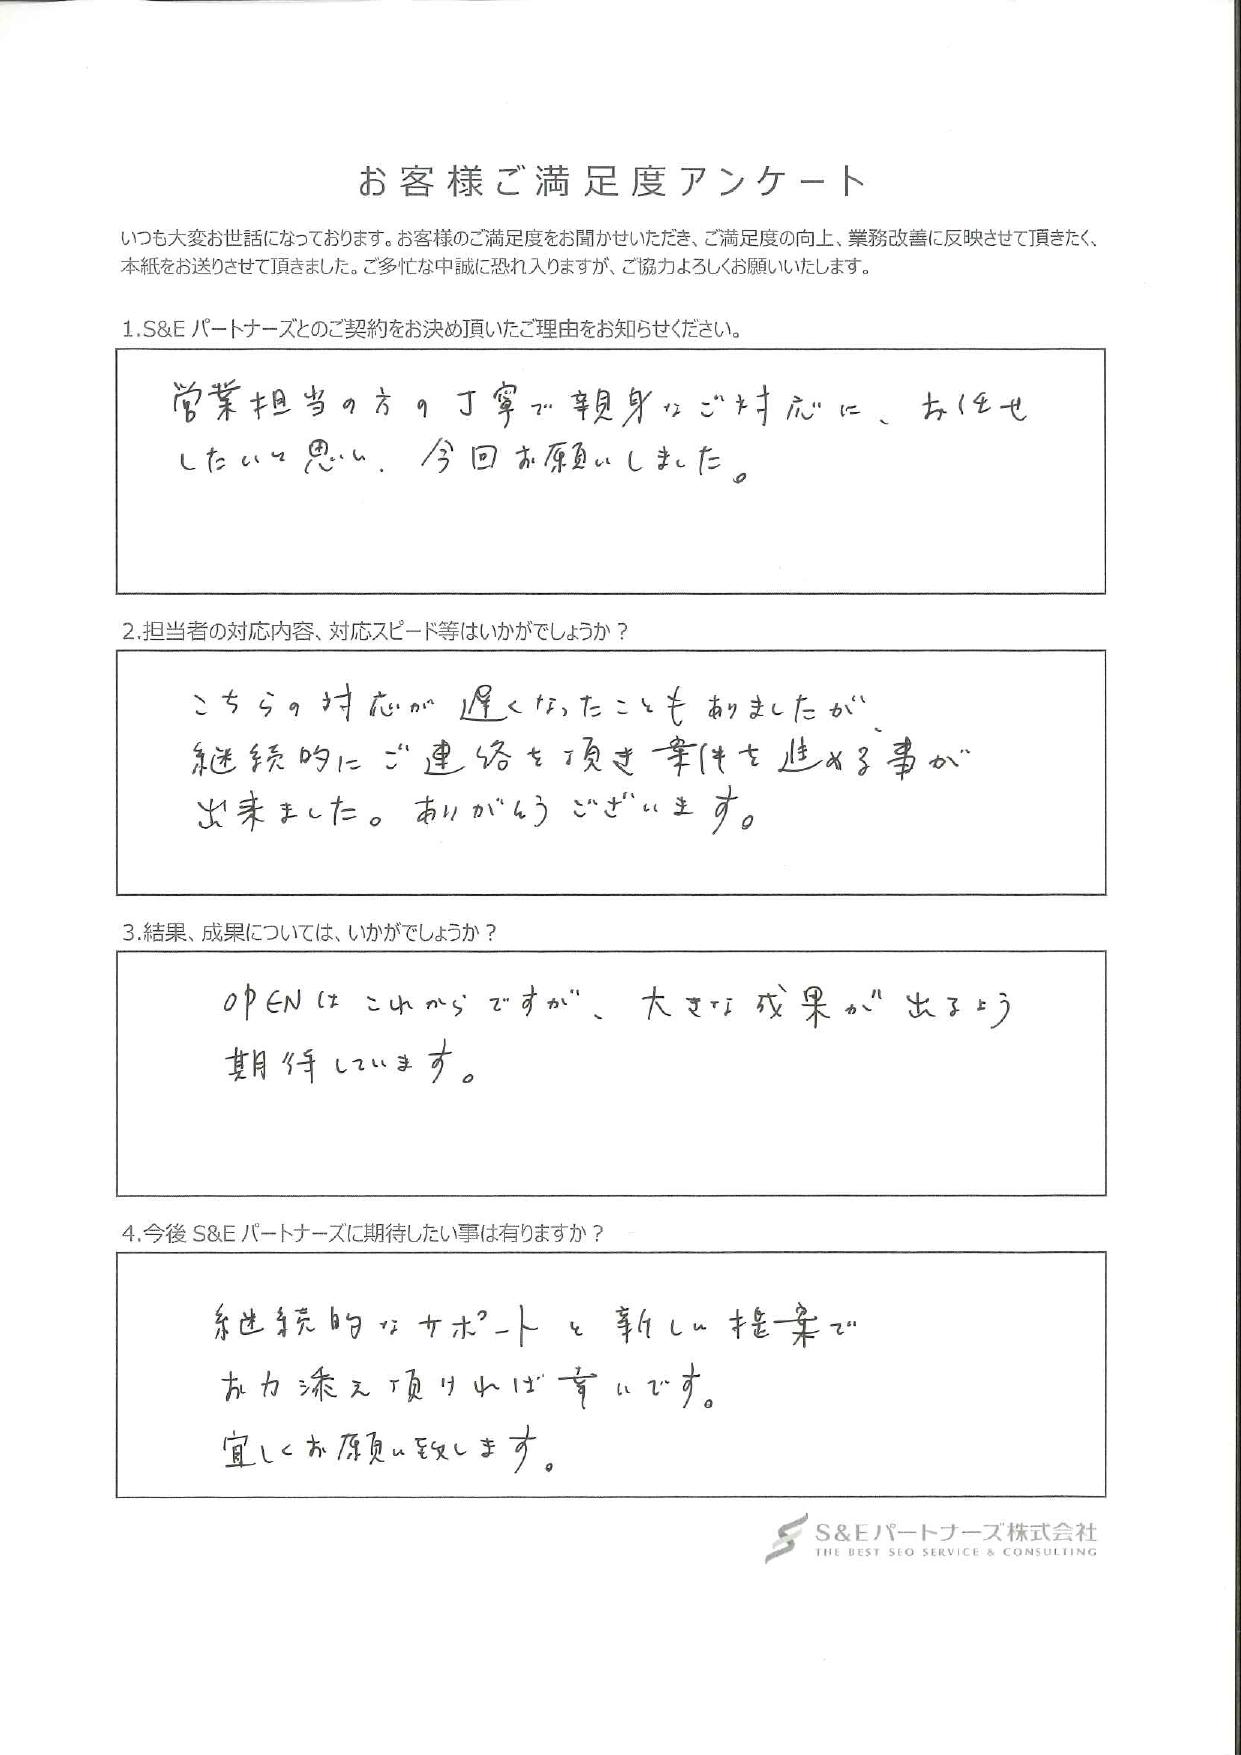 【HP制作のお客様の声】福岡・北九州エリアの人材派遣業をされているお客様